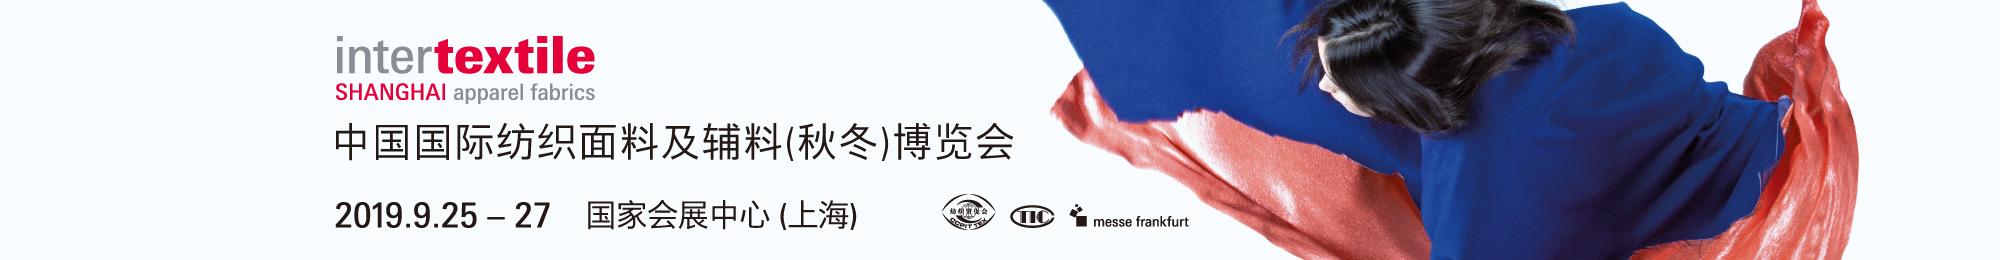 中国国际纺织面料及辅料(秋冬)展览会